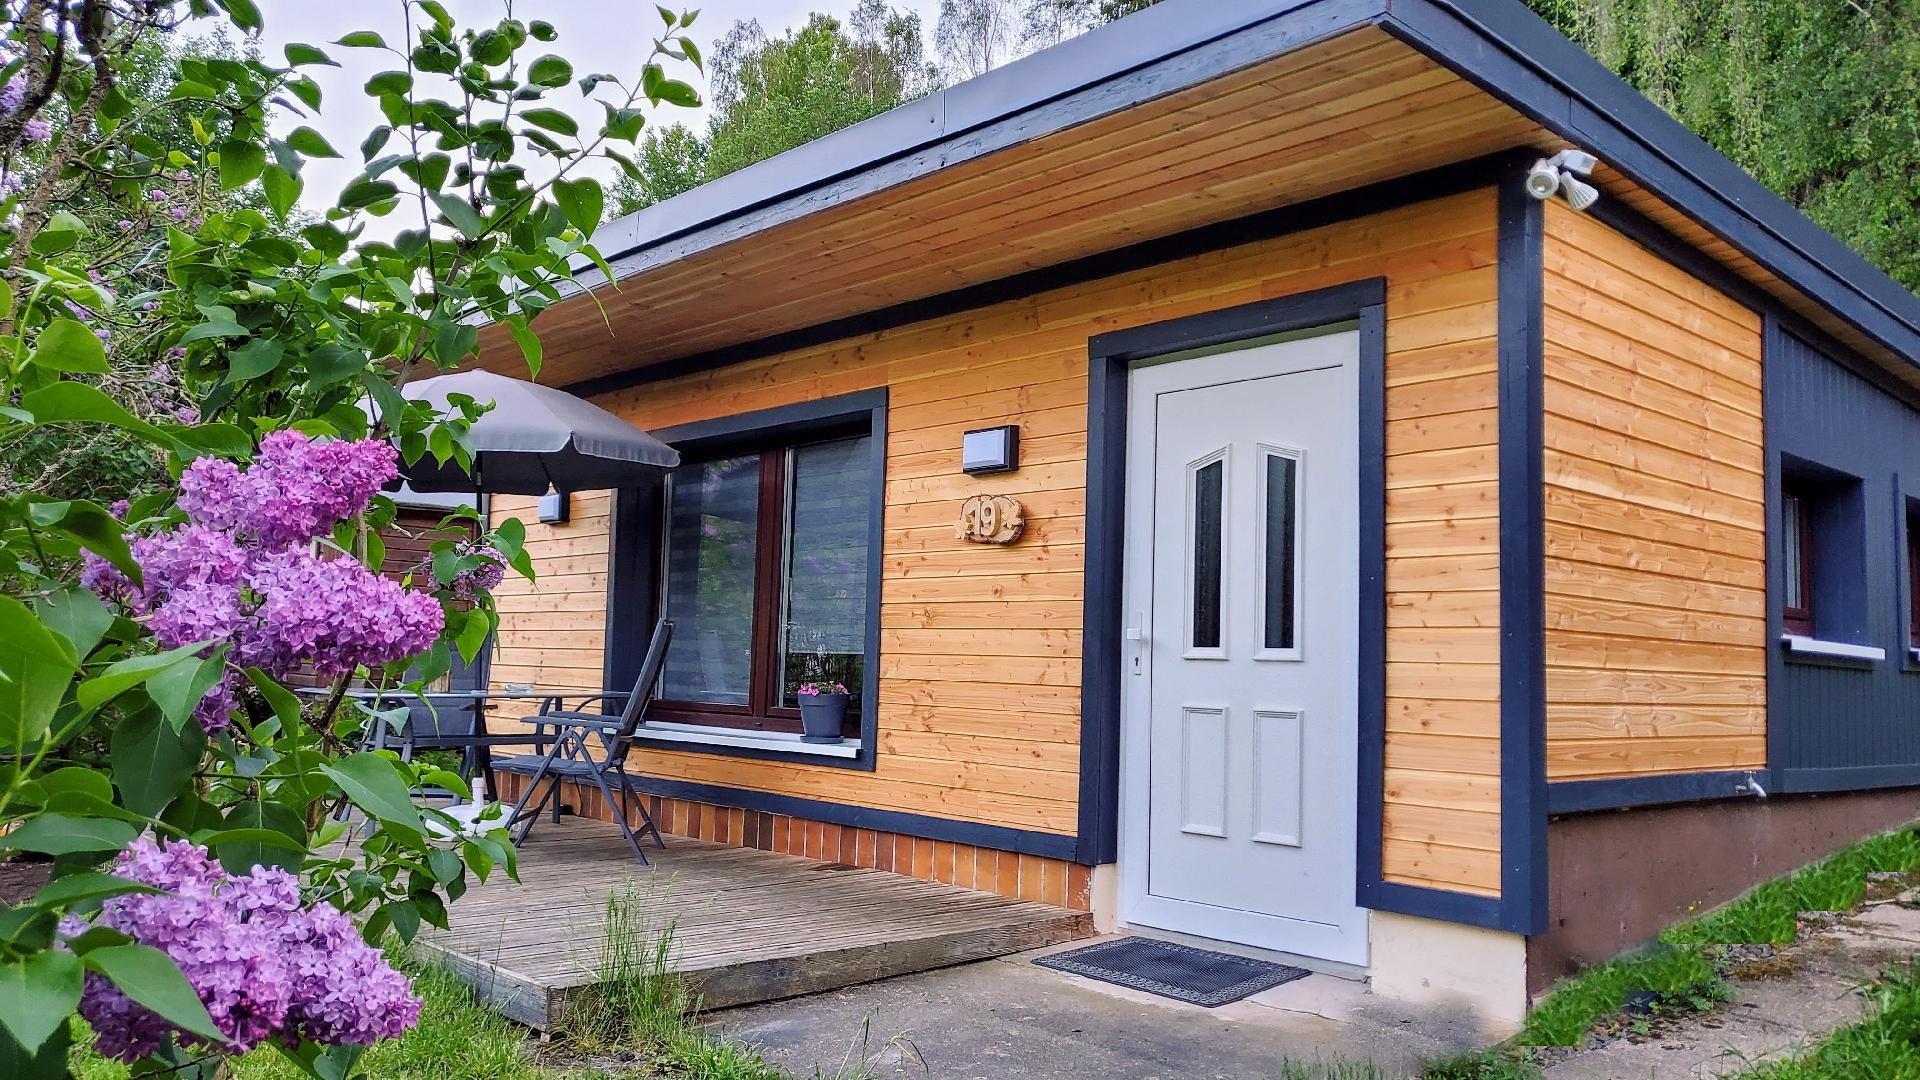 Ferienhaus für 4 Personen ca. 50 m² in G  in Sachsen